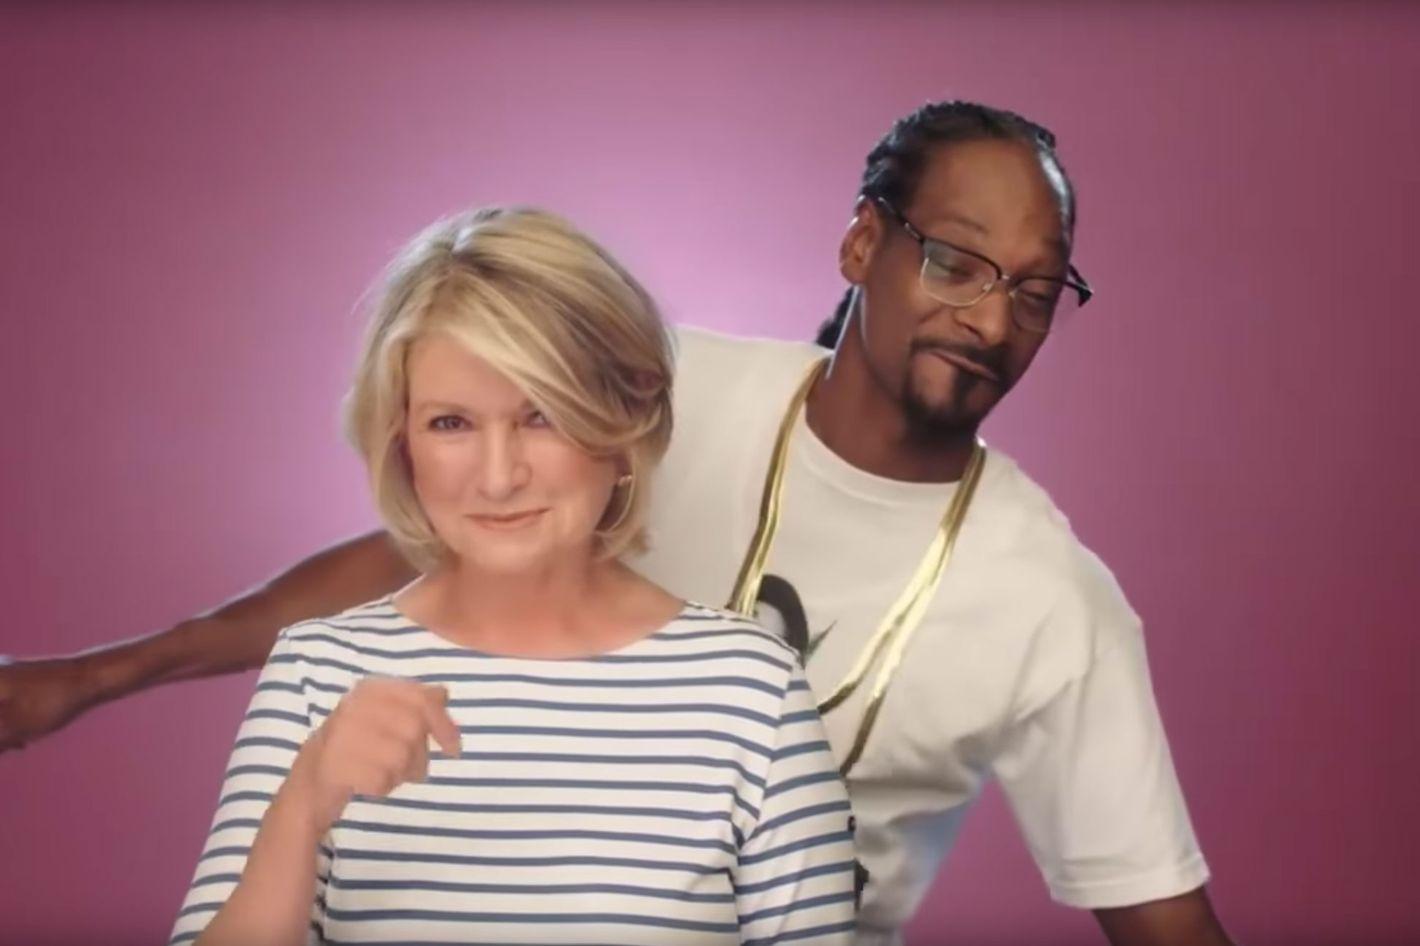 Martha dan tube